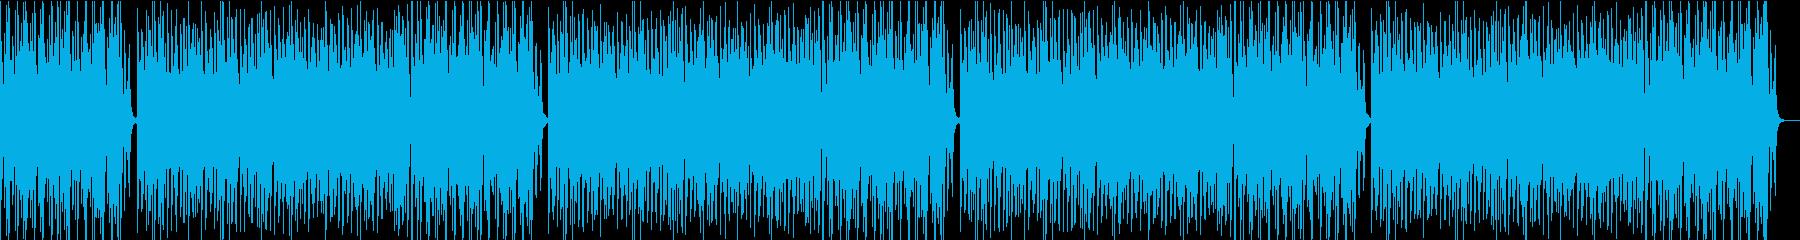 コミカルオーケストラの再生済みの波形